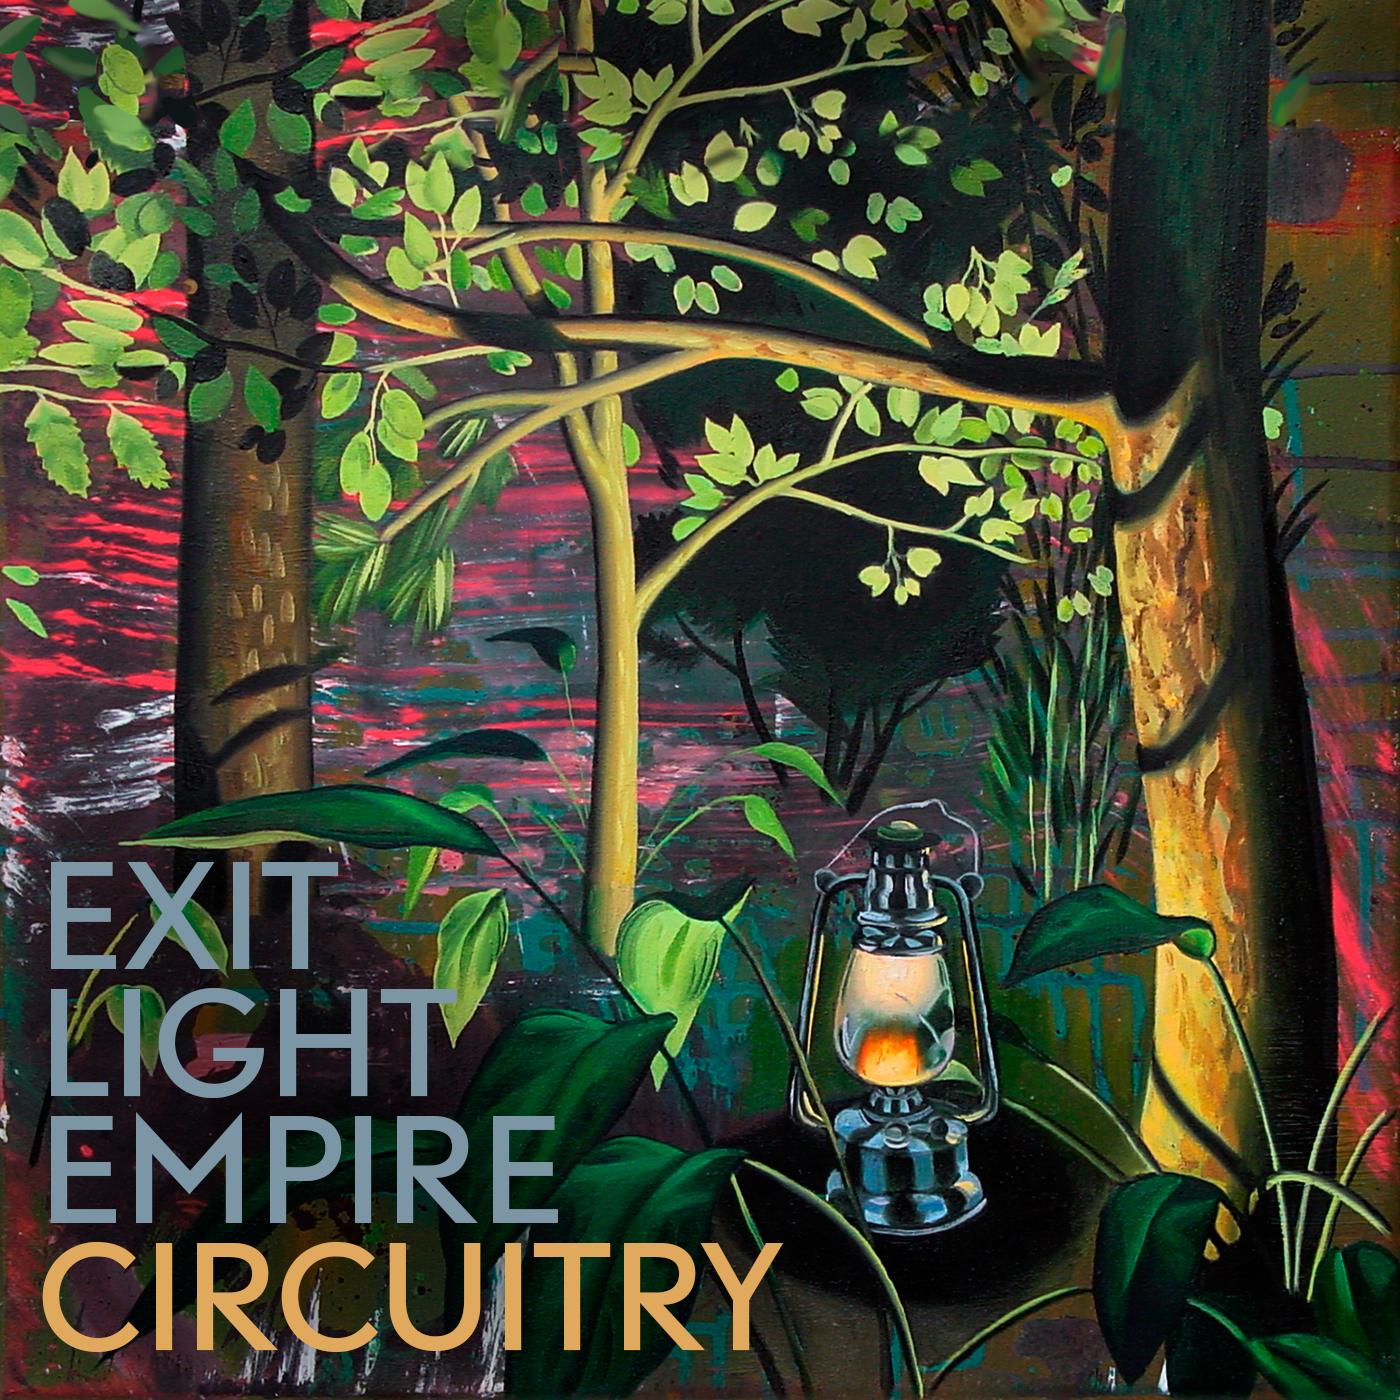 Exitlight Empire